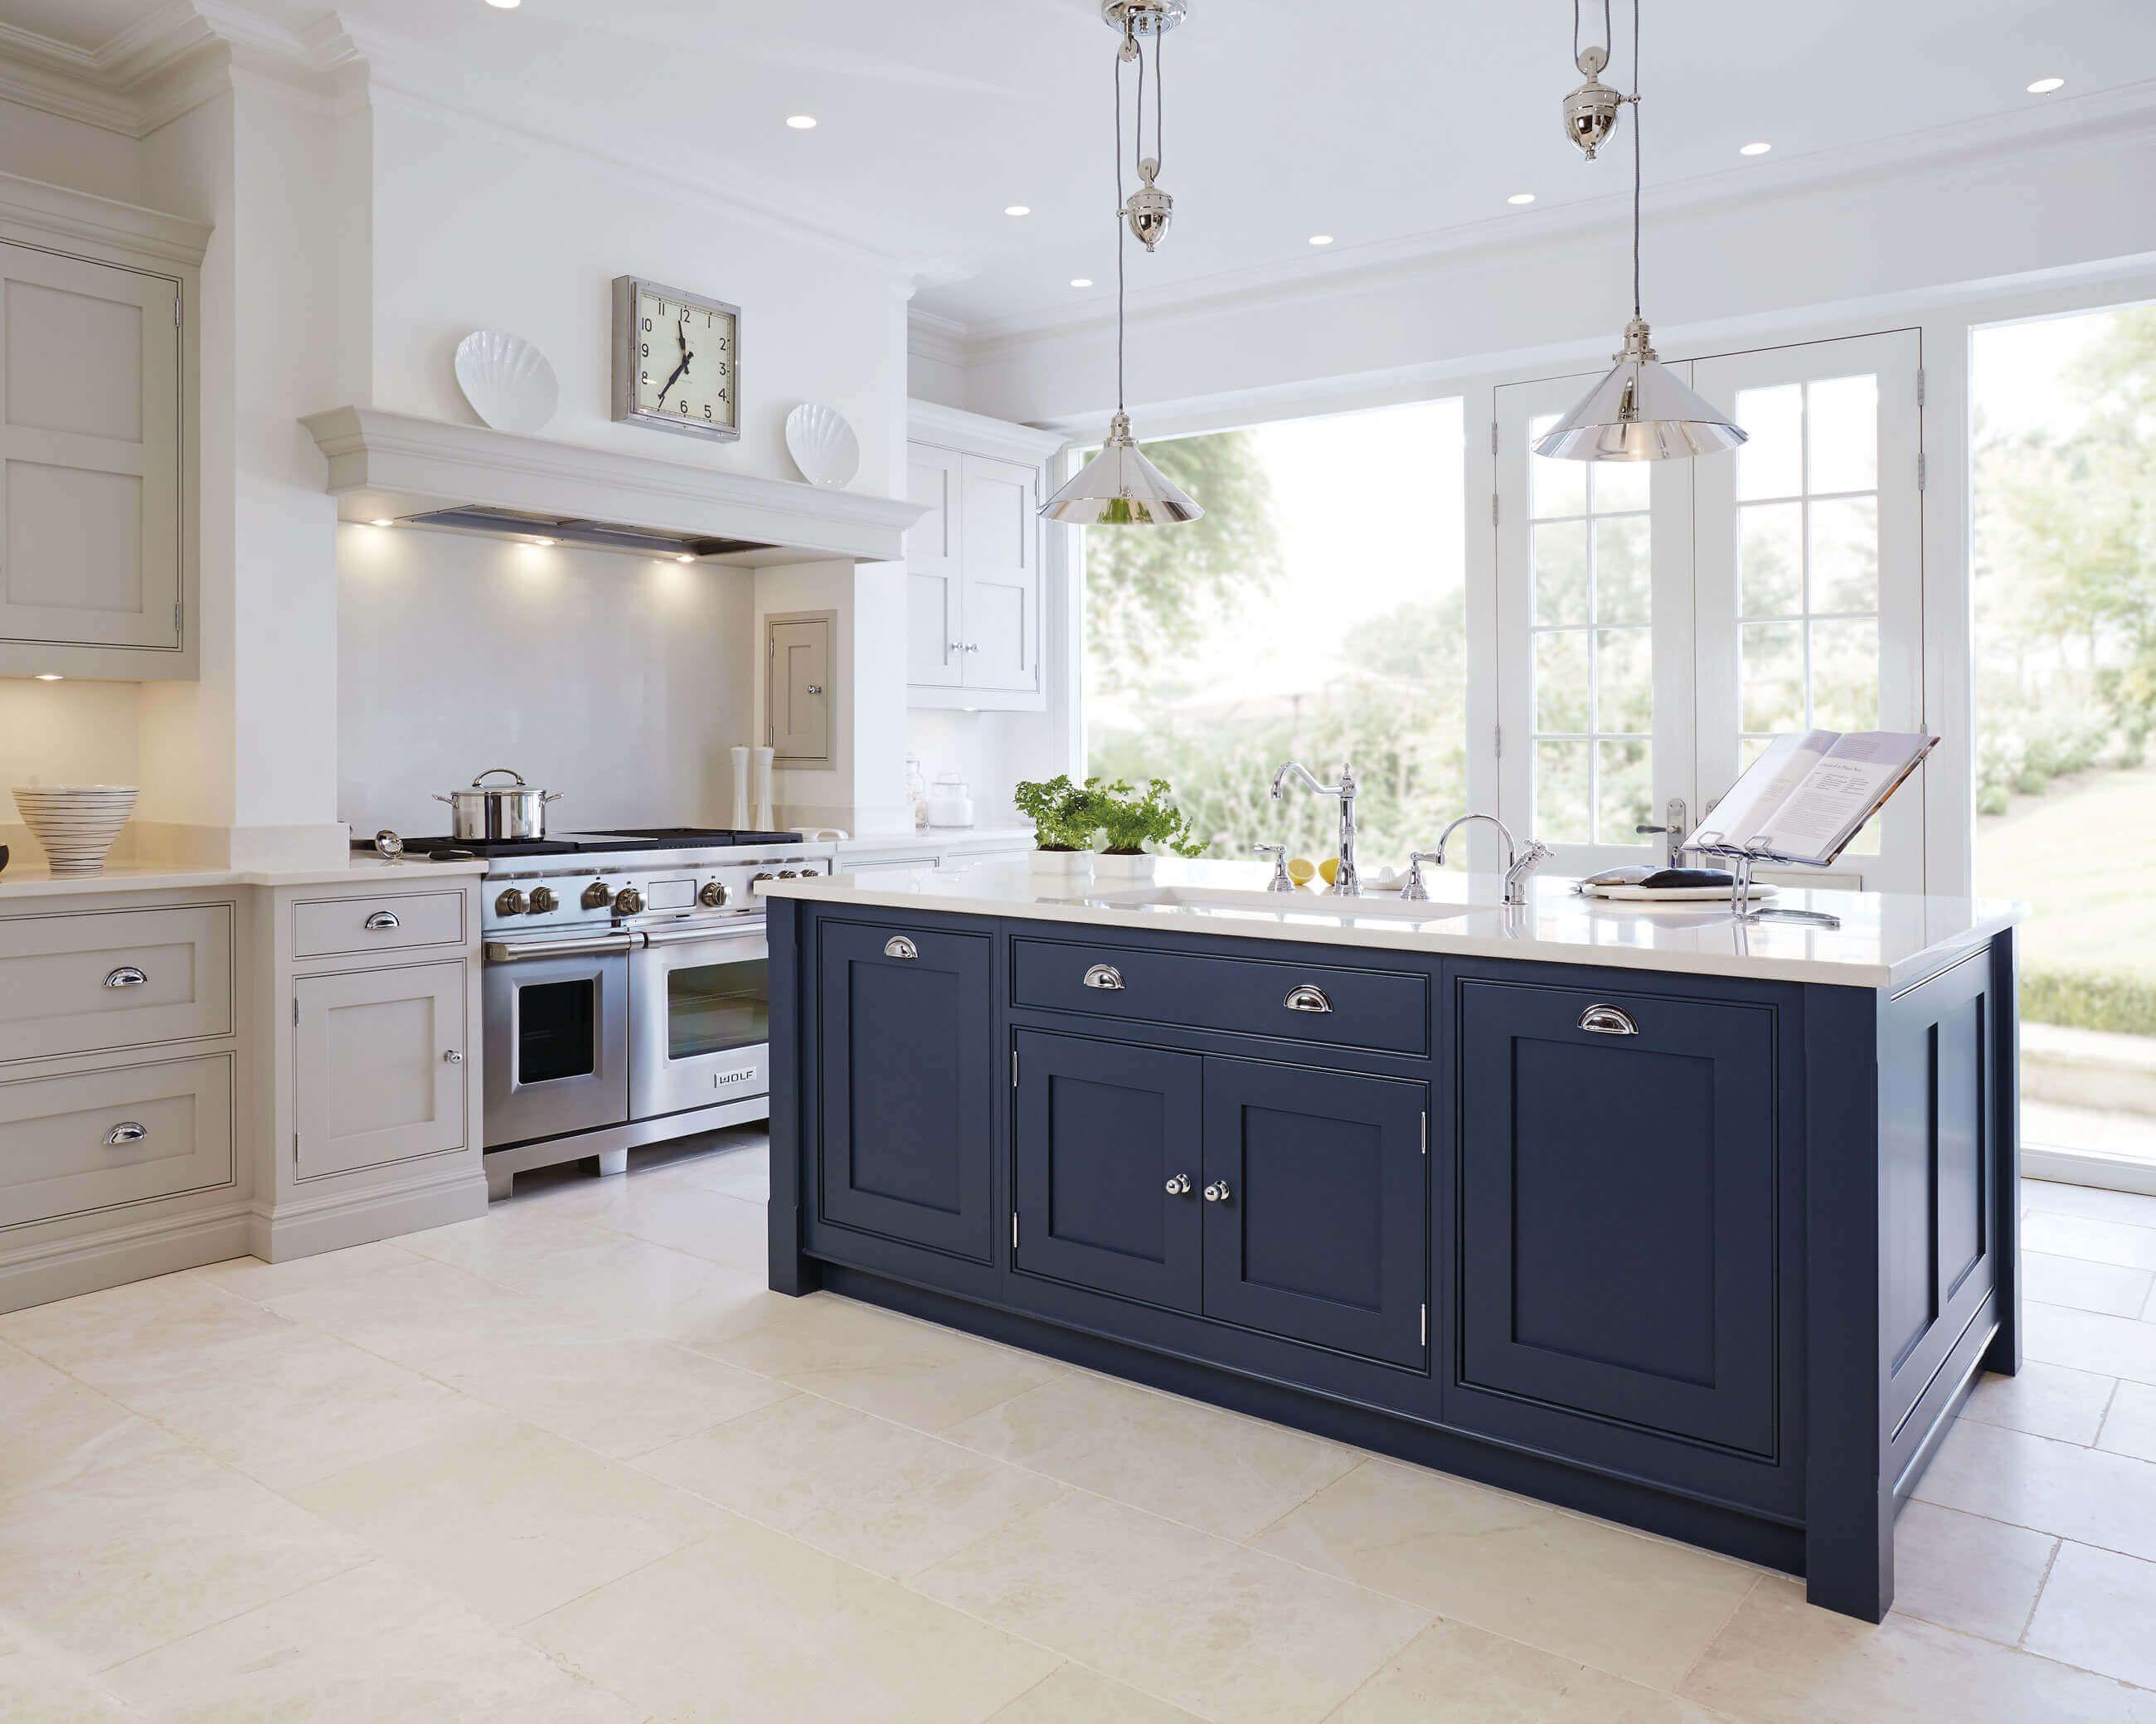 Best Howdens Navy Kitchen Inspiring Kitchen Trends For 2018 400 x 300